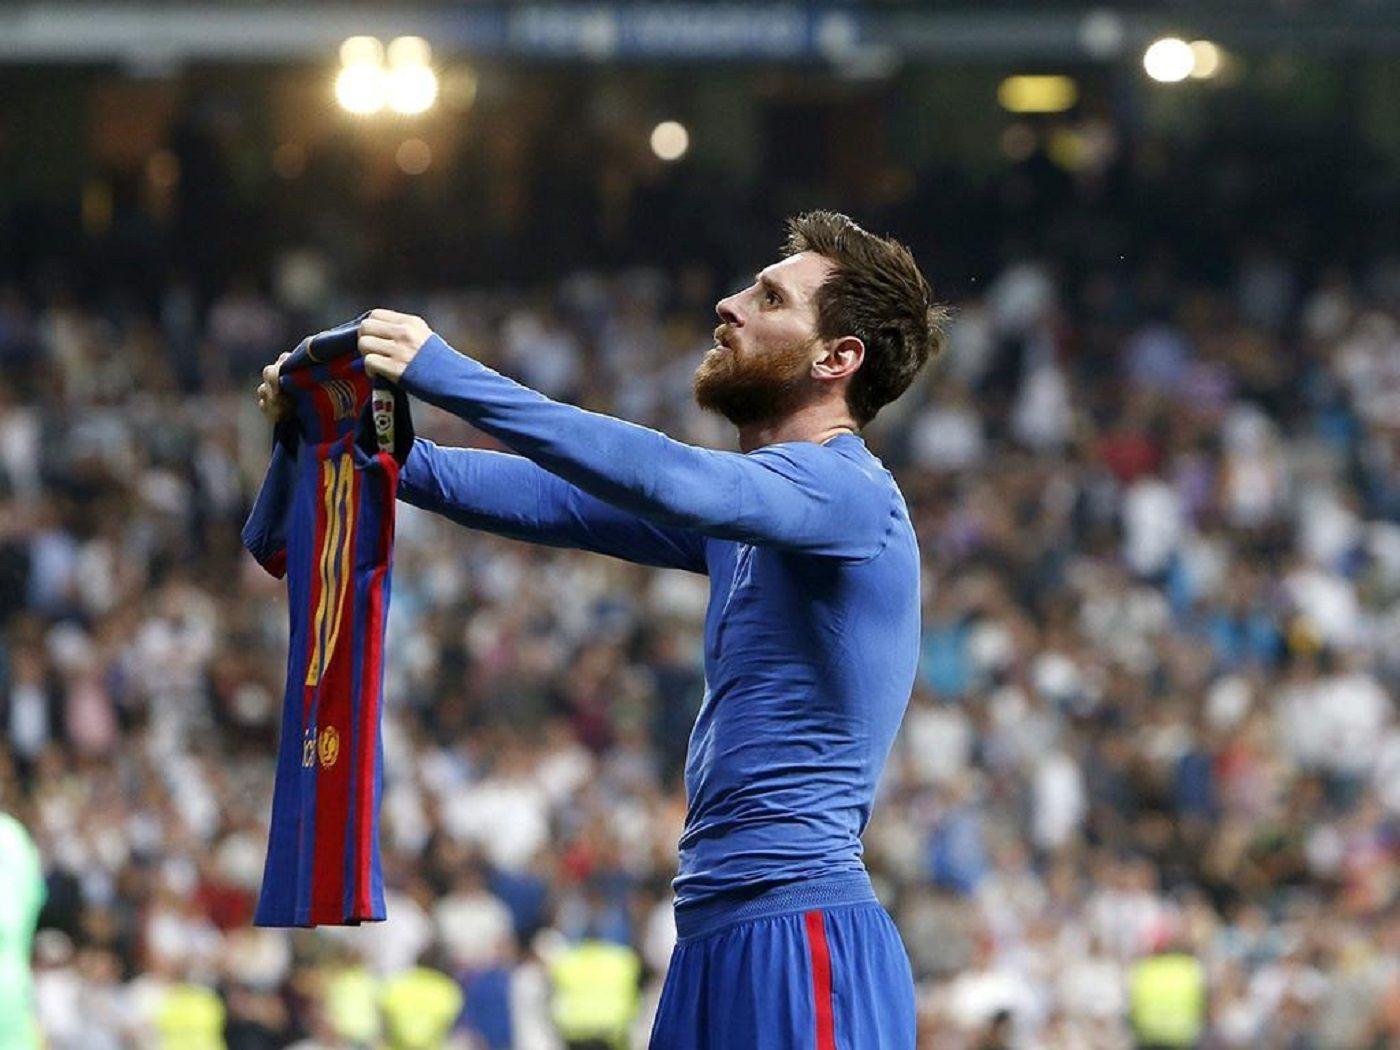 Una imagen icónica: Messi frente a Real Madrid ofreciendo su camiseta en el último minuto tras marcar el gol de la victoria.